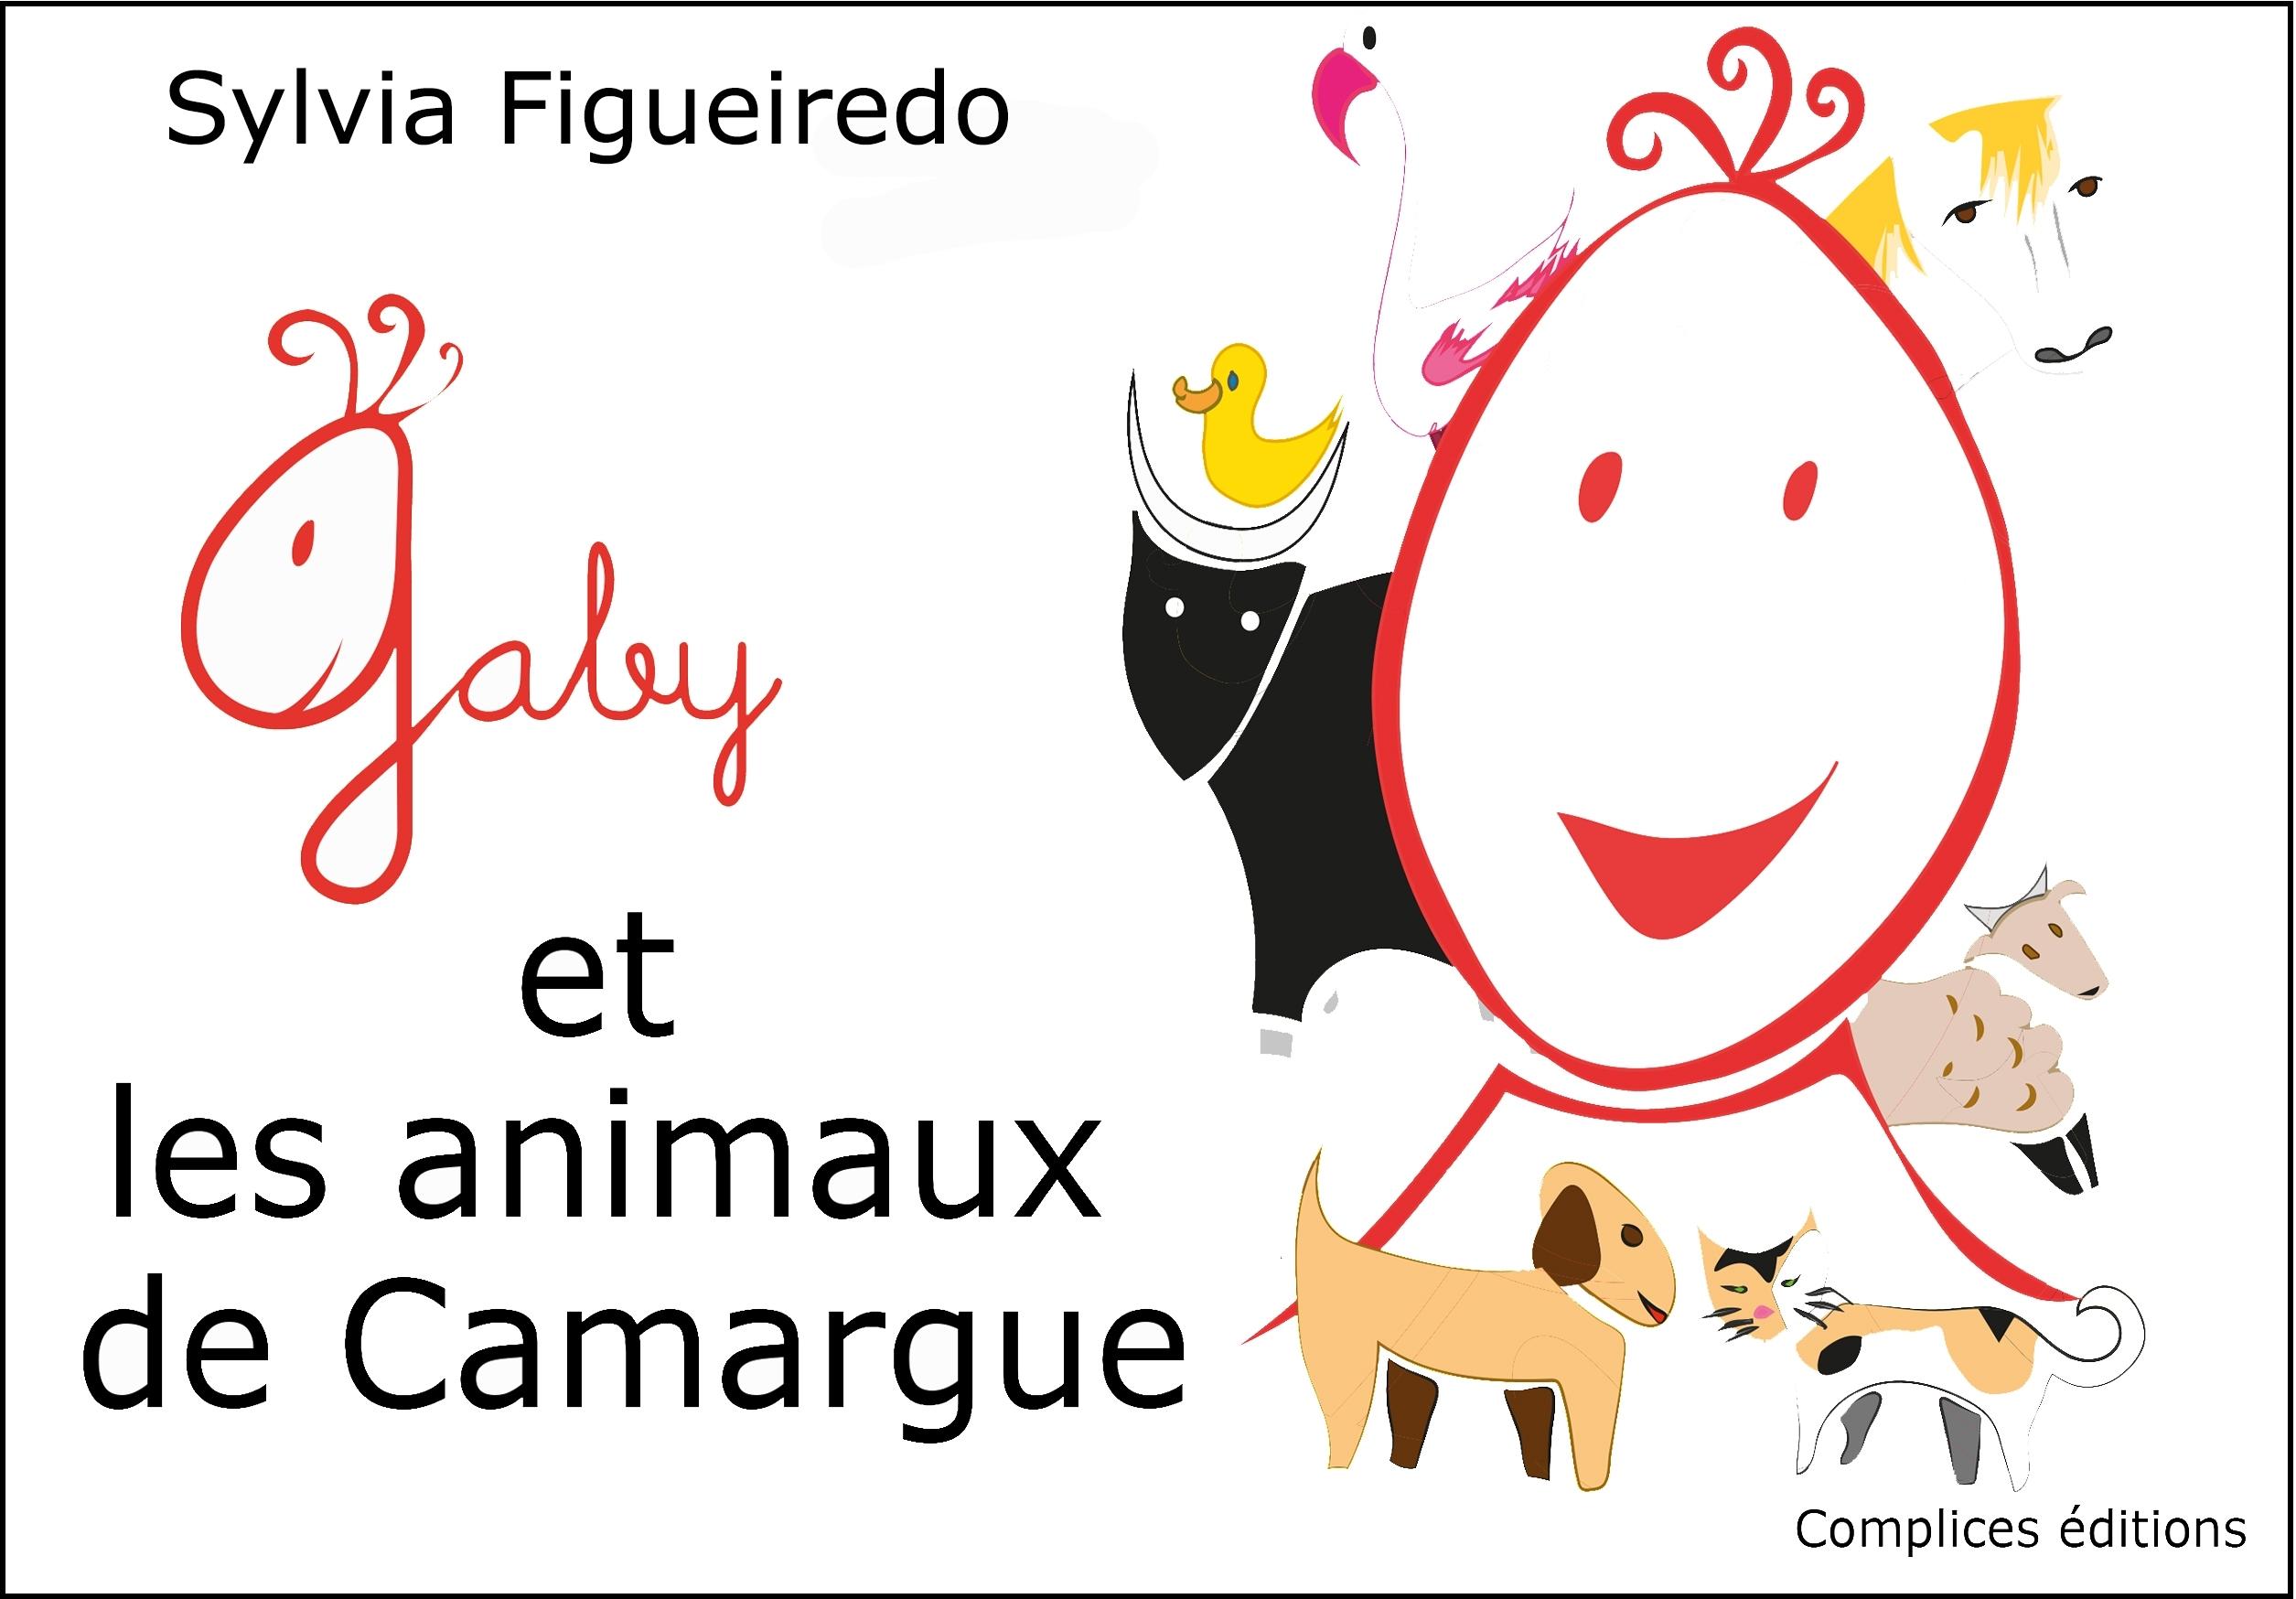 GABY ET LES ANIMAUX DE CAMRGUES